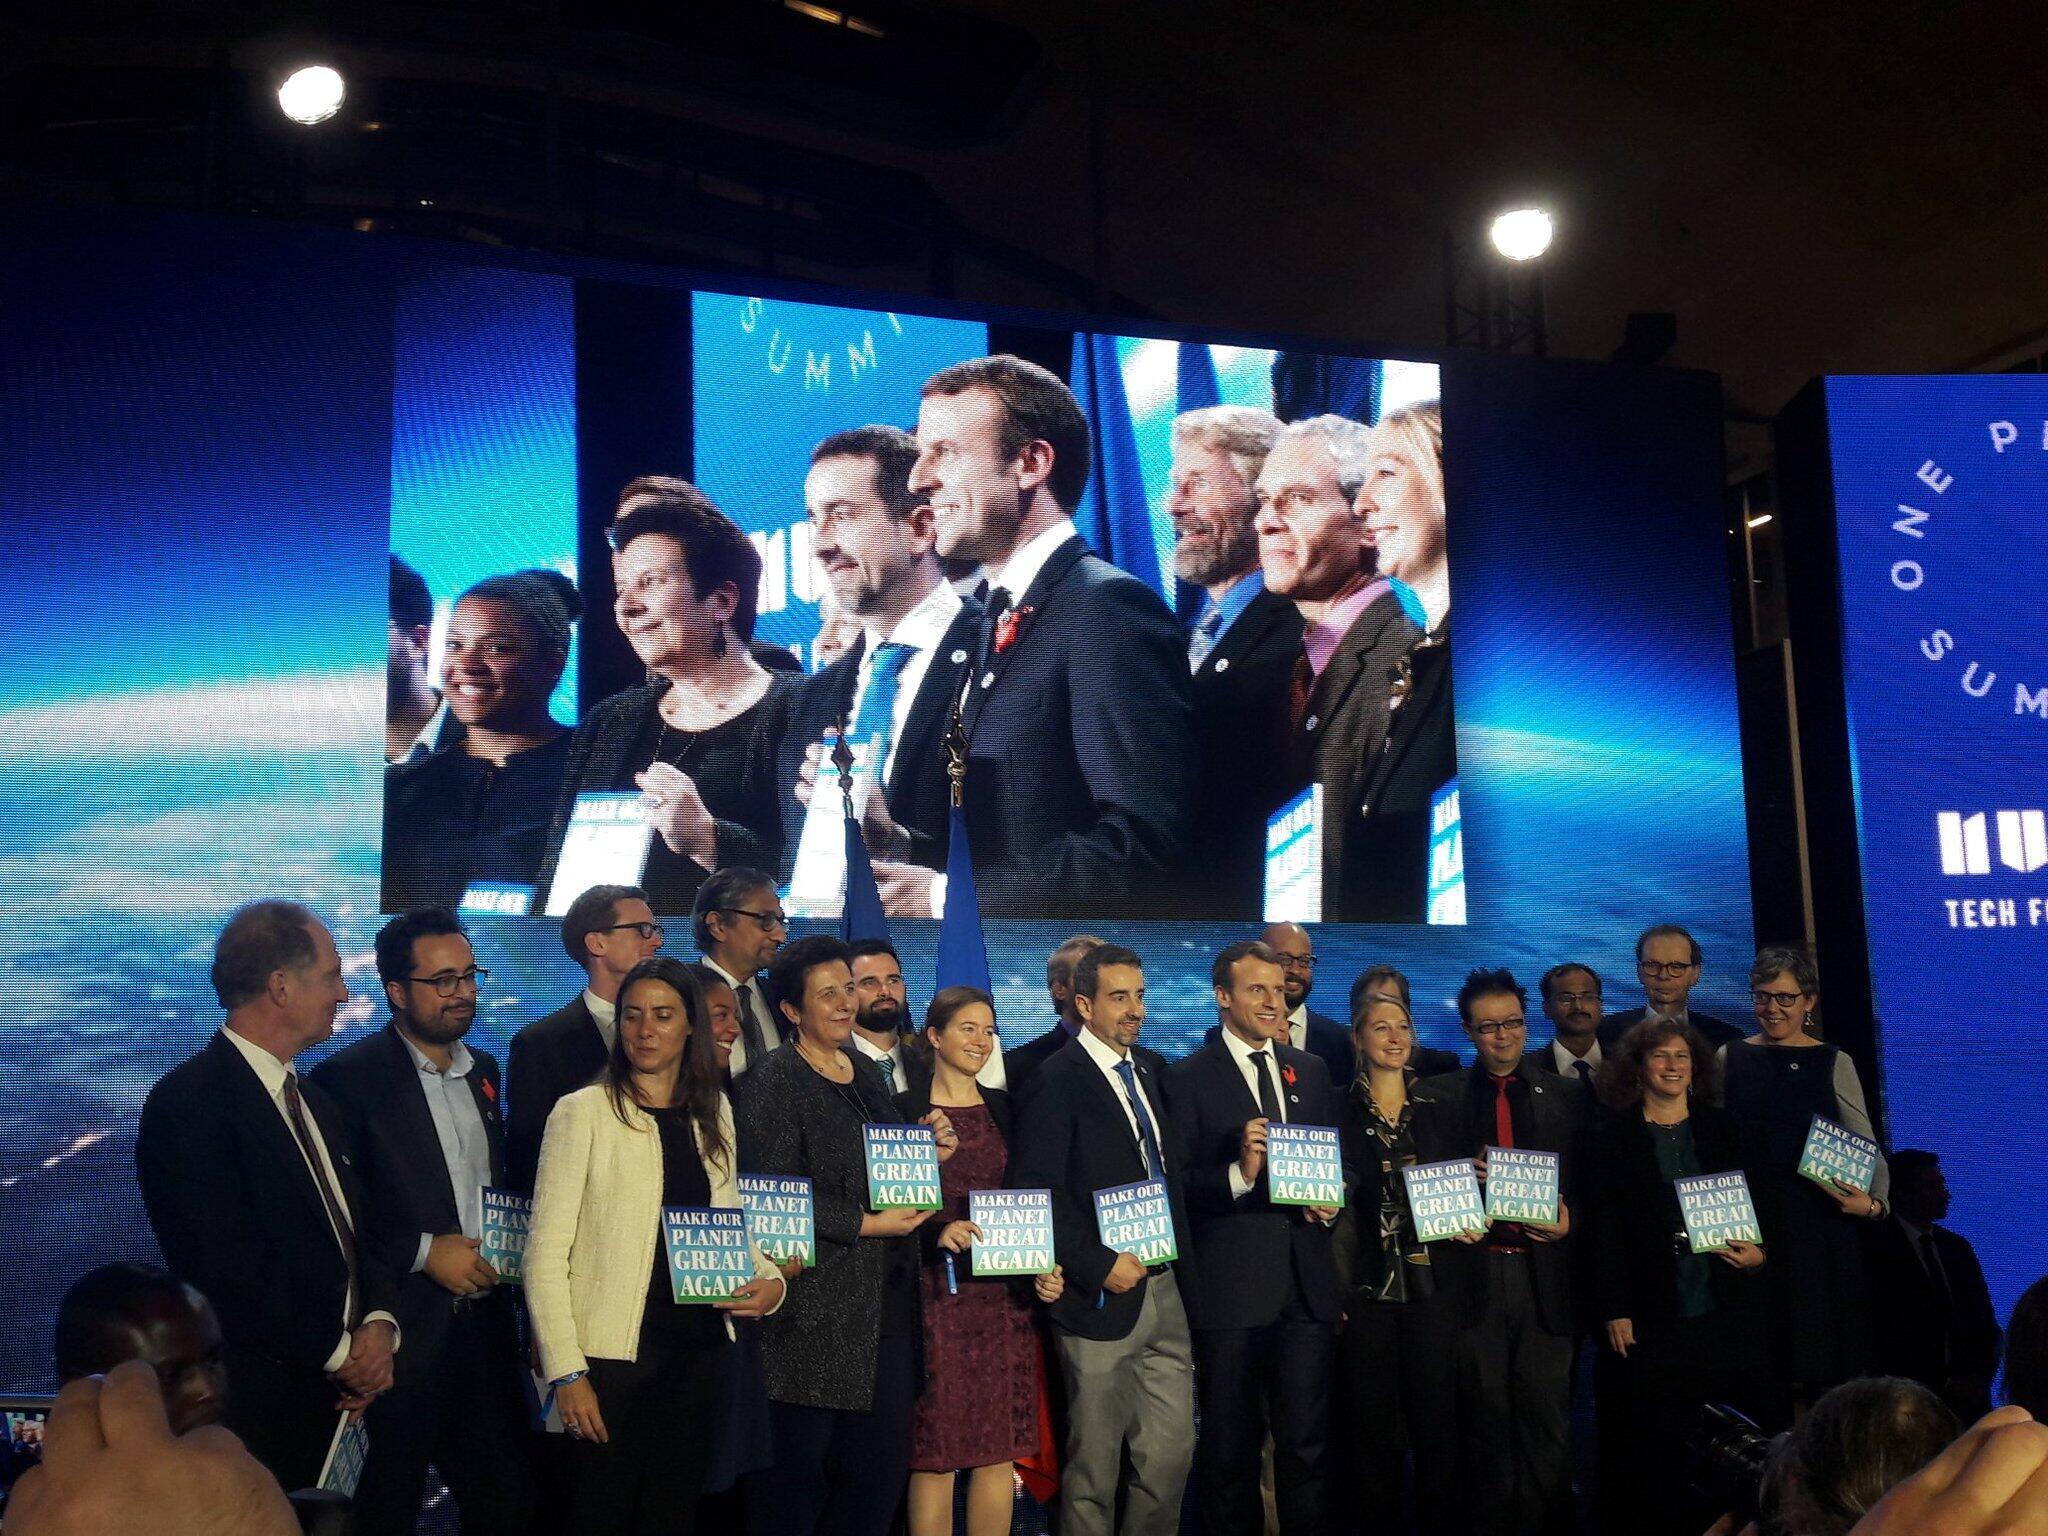 """Sete mulheres e 11homens de seis países: Emmanuel Macron revela os 18 primeiros selecionados para o programa """"Make Our Planet Great Again"""", lançado após a retirada dos Estados Unidos do Acordo de Paris"""